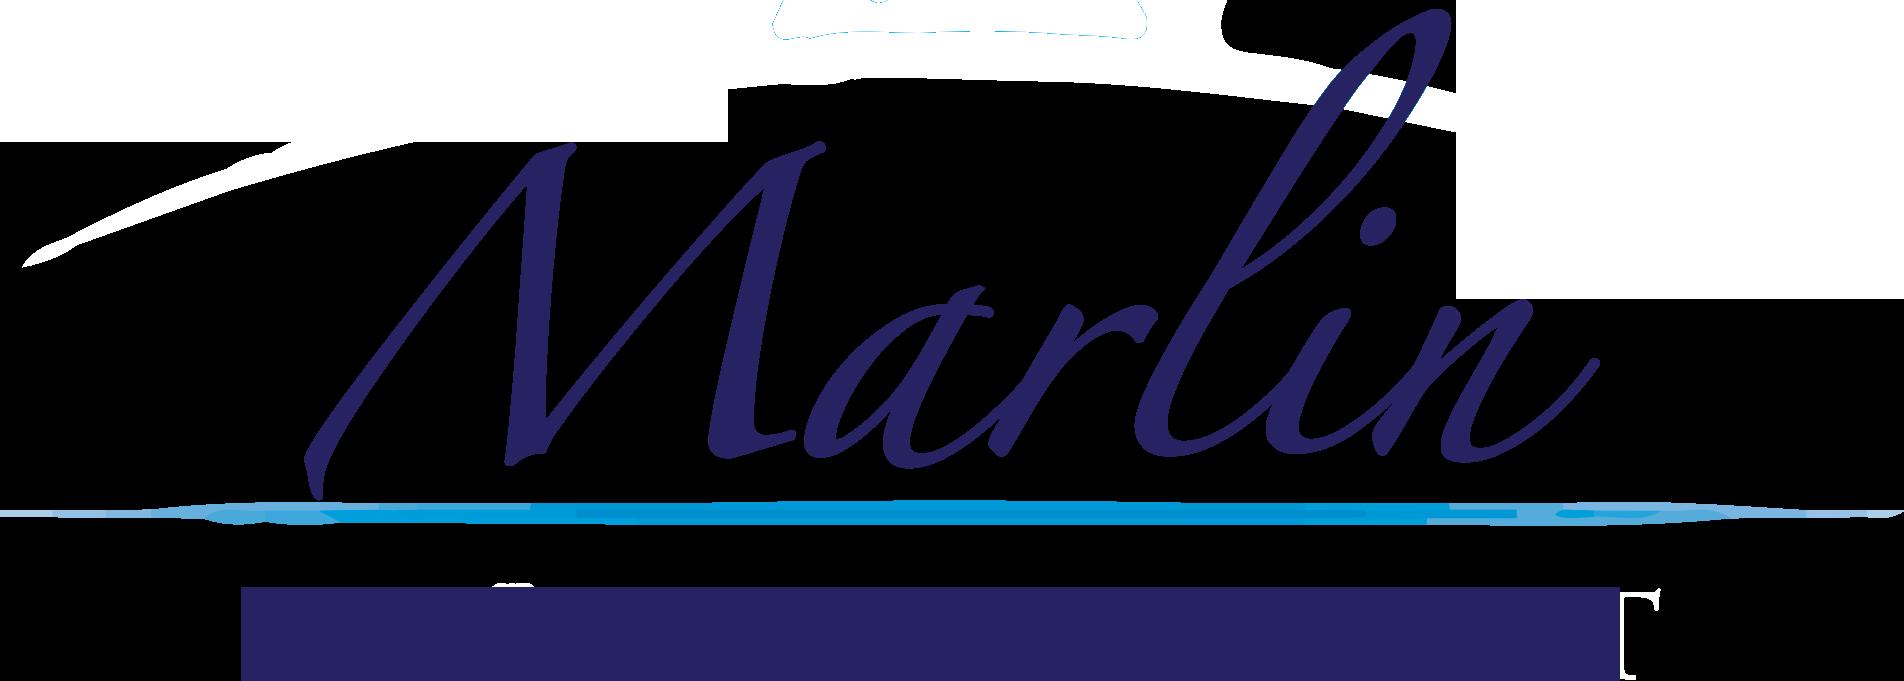 Ristorante Marlin Caffè